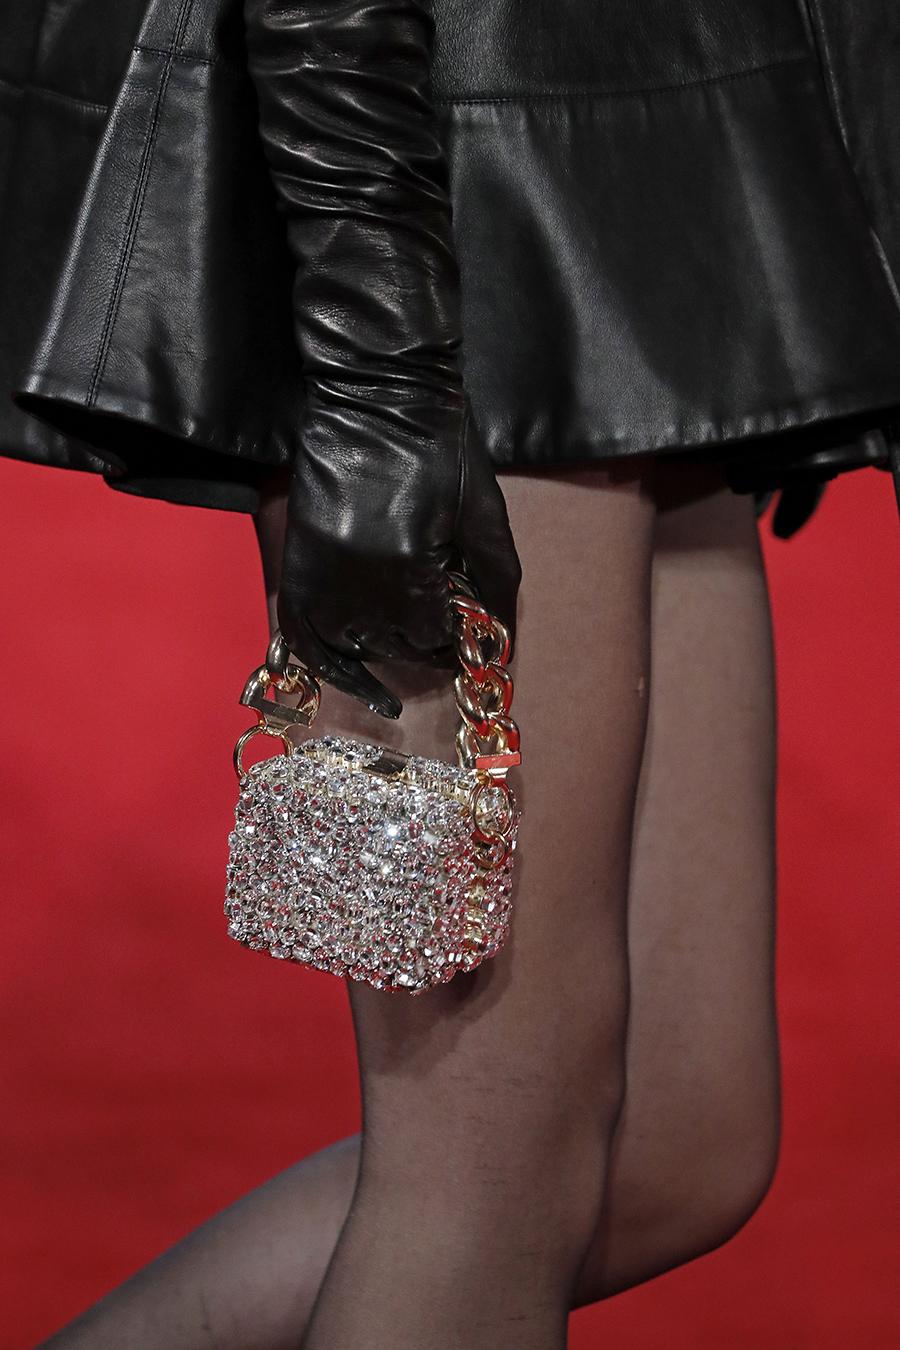 модная сумка минодьер осень зима 2020 2021 квадратная сверкающая серебристая цепочка стразы